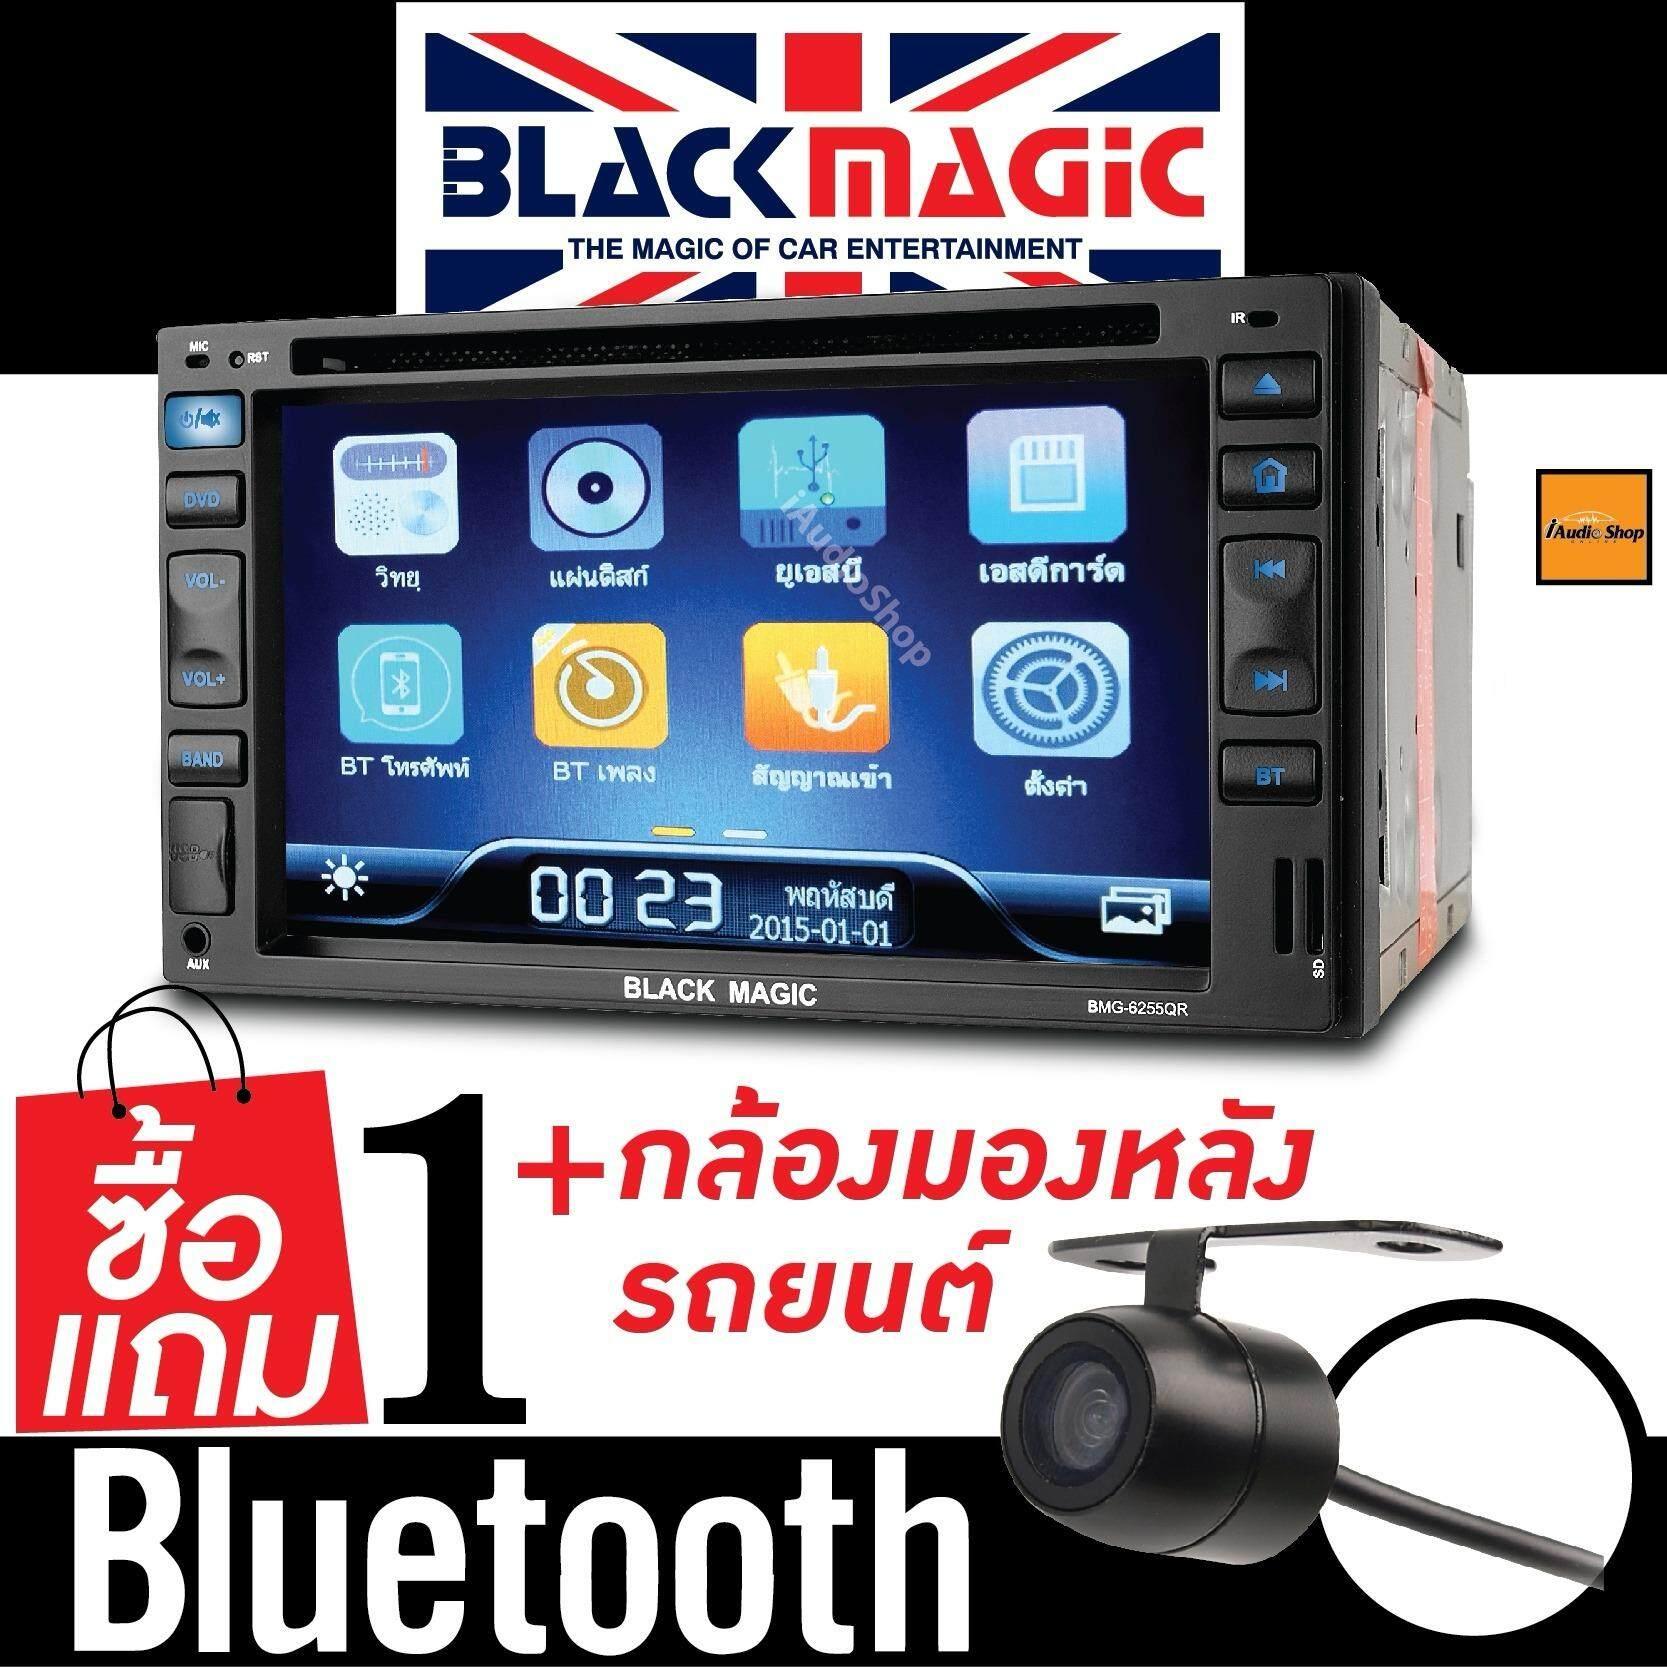 ซื้อ Black Magic วิทยุติดรถยนต์ จอติดรถยนต์ จอ2ดิน จอ2Din เครื่องเล่นติดรถยนต์ เครื่องเสียงรถยนต์ ตัวรับสัญญาณแบบสเตอริโอ แบบ 2Din ขนาด6 5นิ้ว กล้องมองหลัง Smartcam Smc002 อย่างดี กลางวันชัดแจ๋ว กลางคืนชัดเป๊ะ มีเส้นบอกระยะ